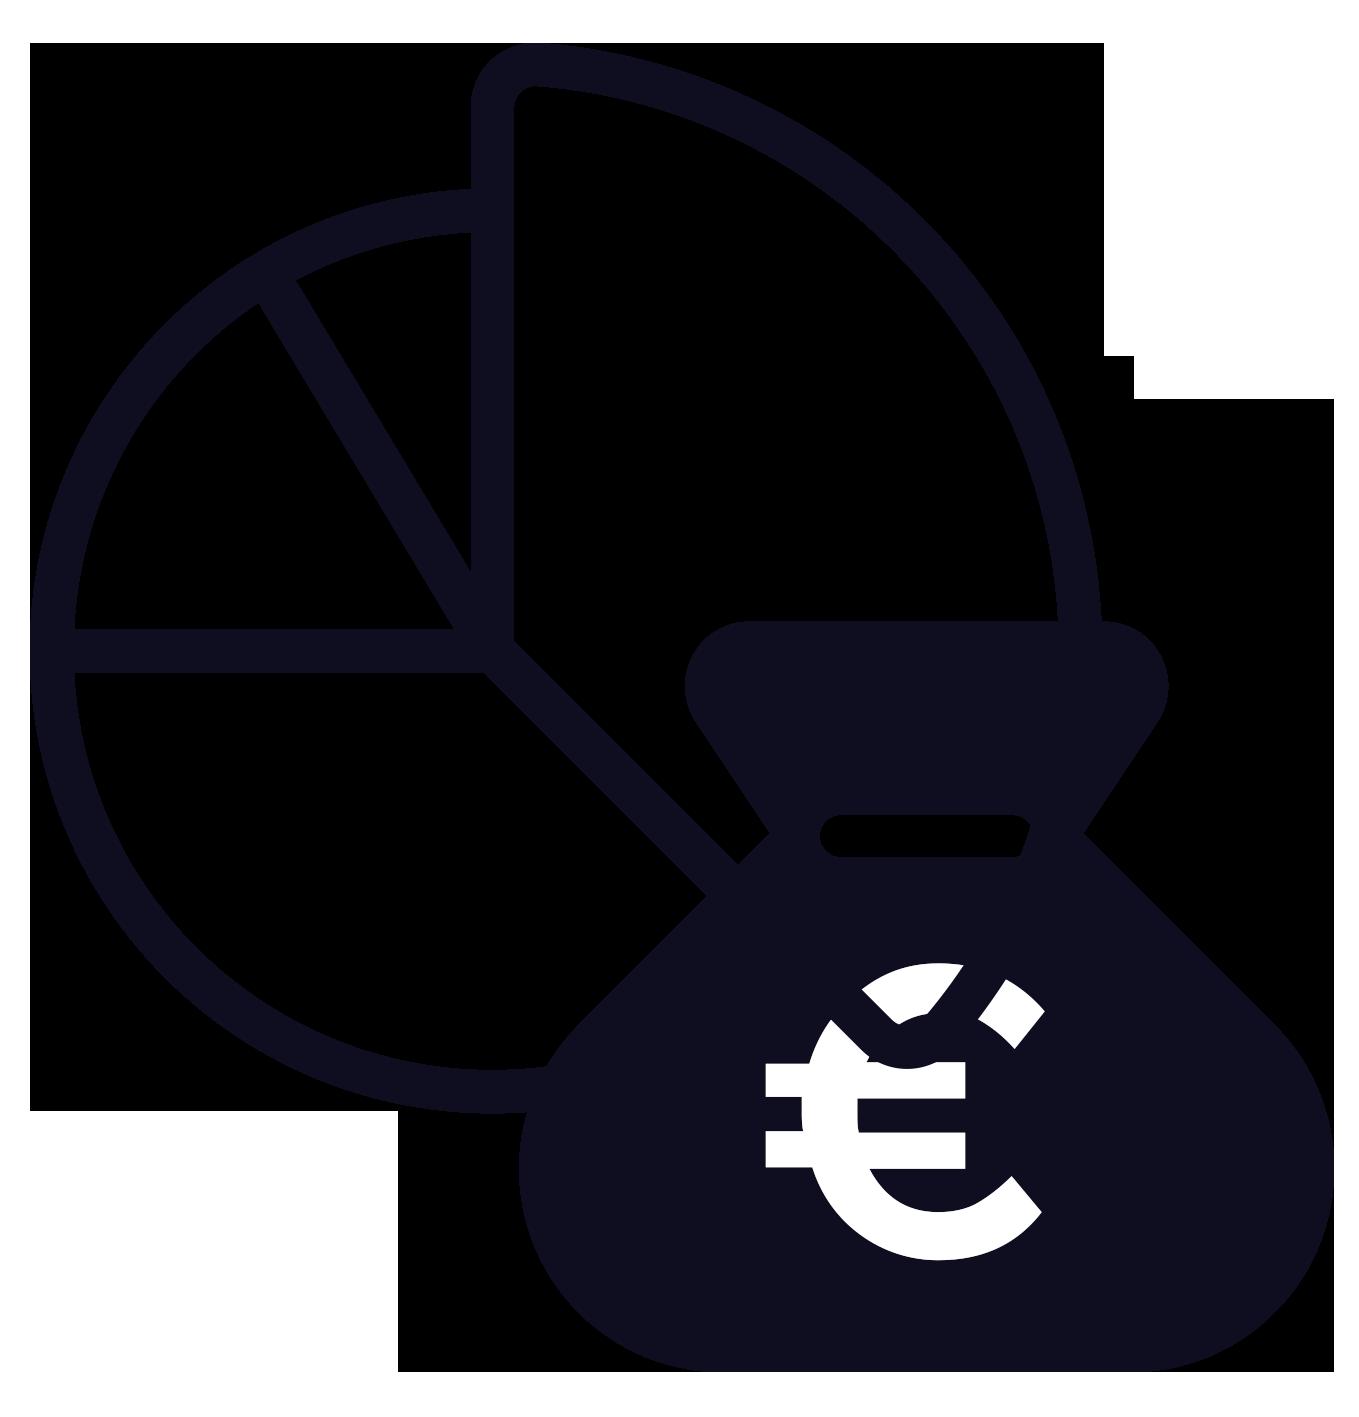 consulente e promotore finanziario sondrio - milano